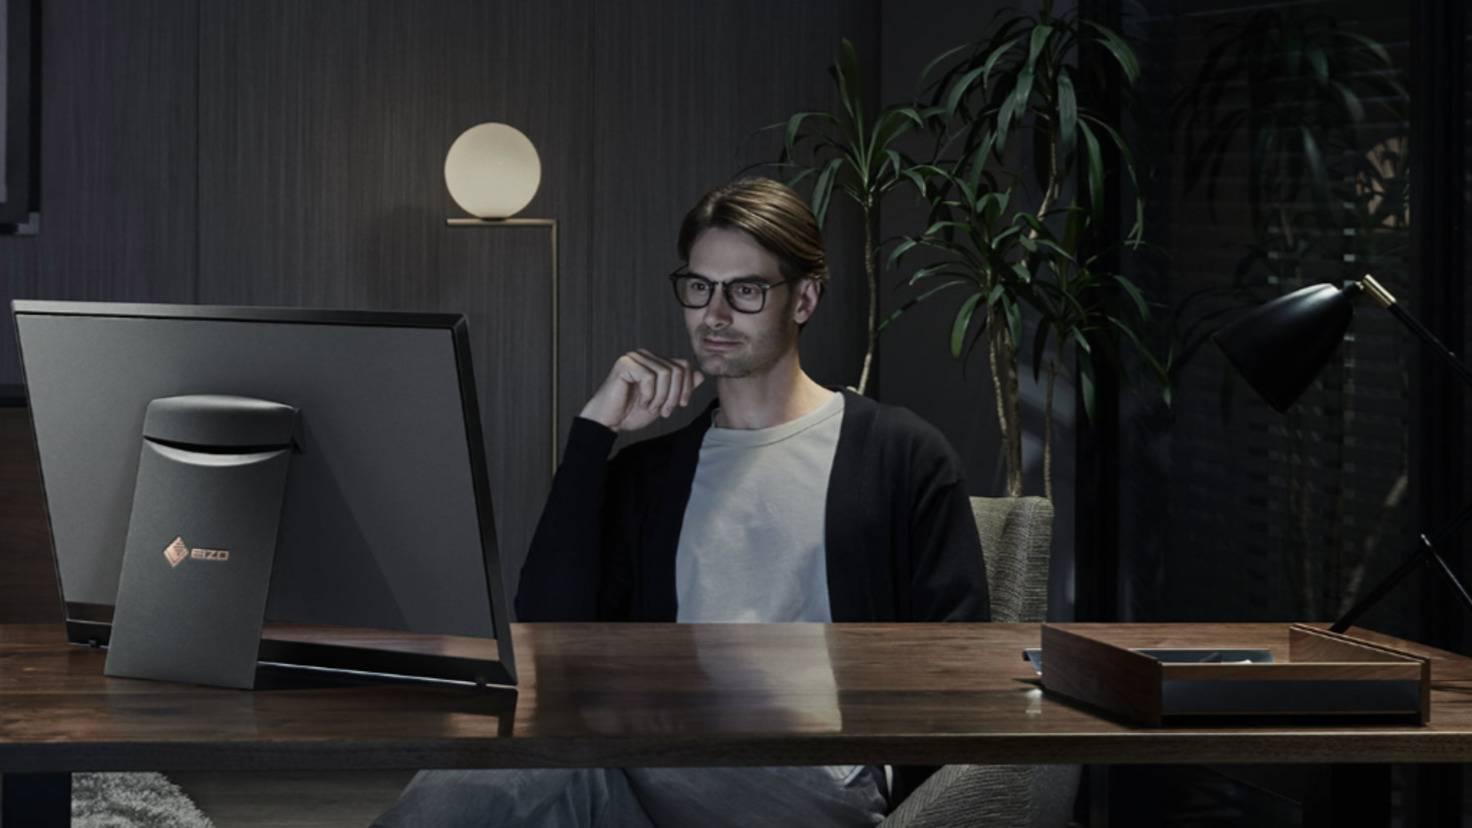 Eizo-Nova-Foris-OLED-Monitor